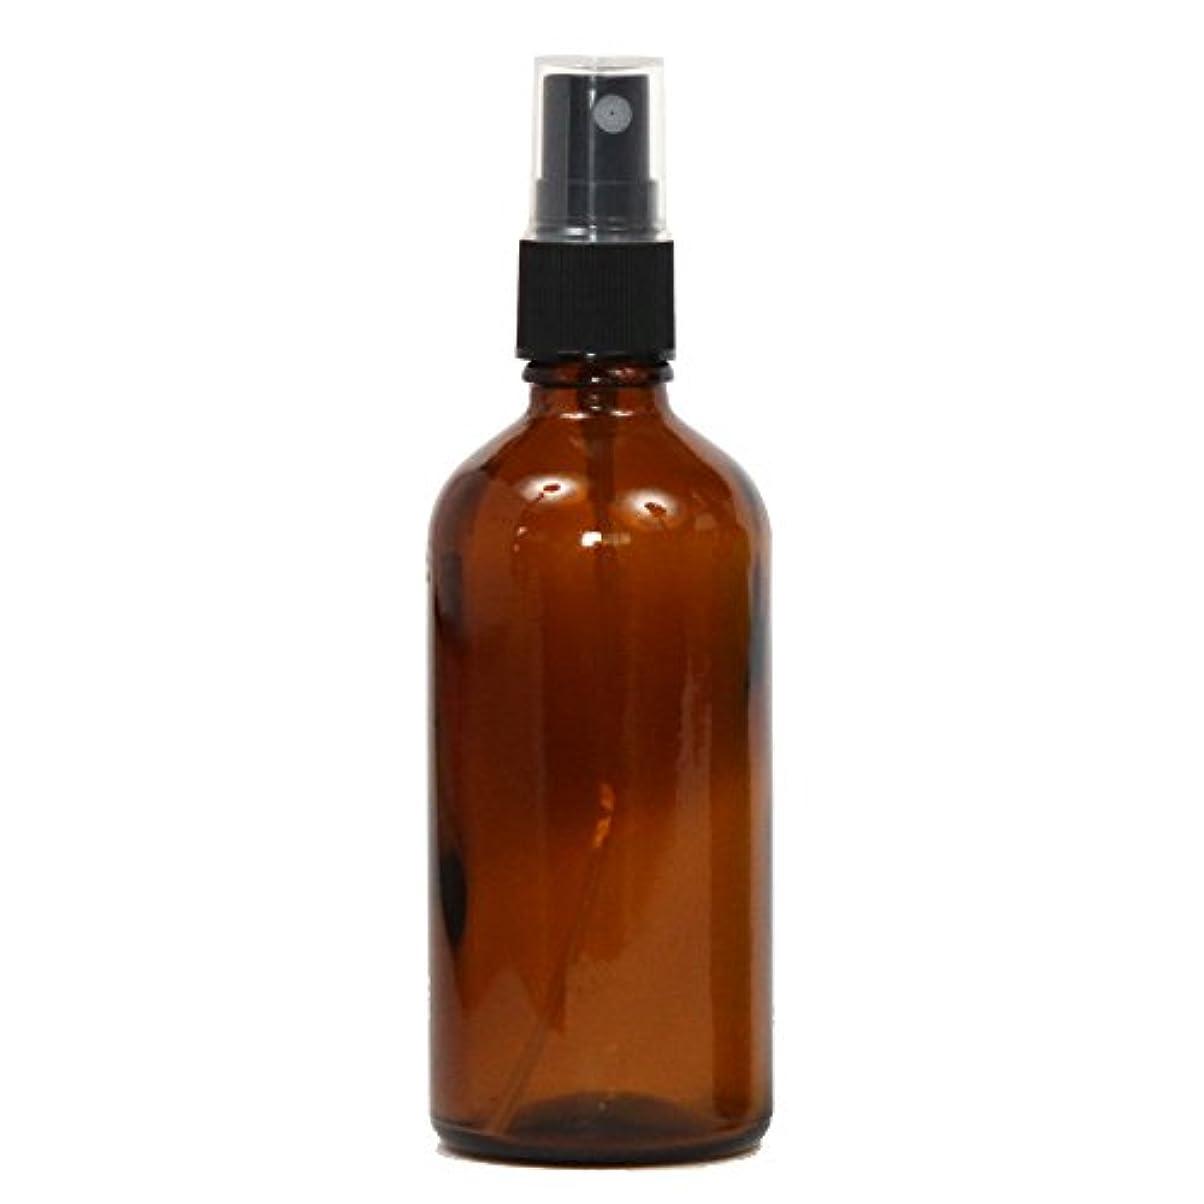 使い込む再現する美容師スプレーボトル ガラス瓶 100mL 遮光性ブラウン(アンバー) おしゃれアトマイザー ミスト空容器